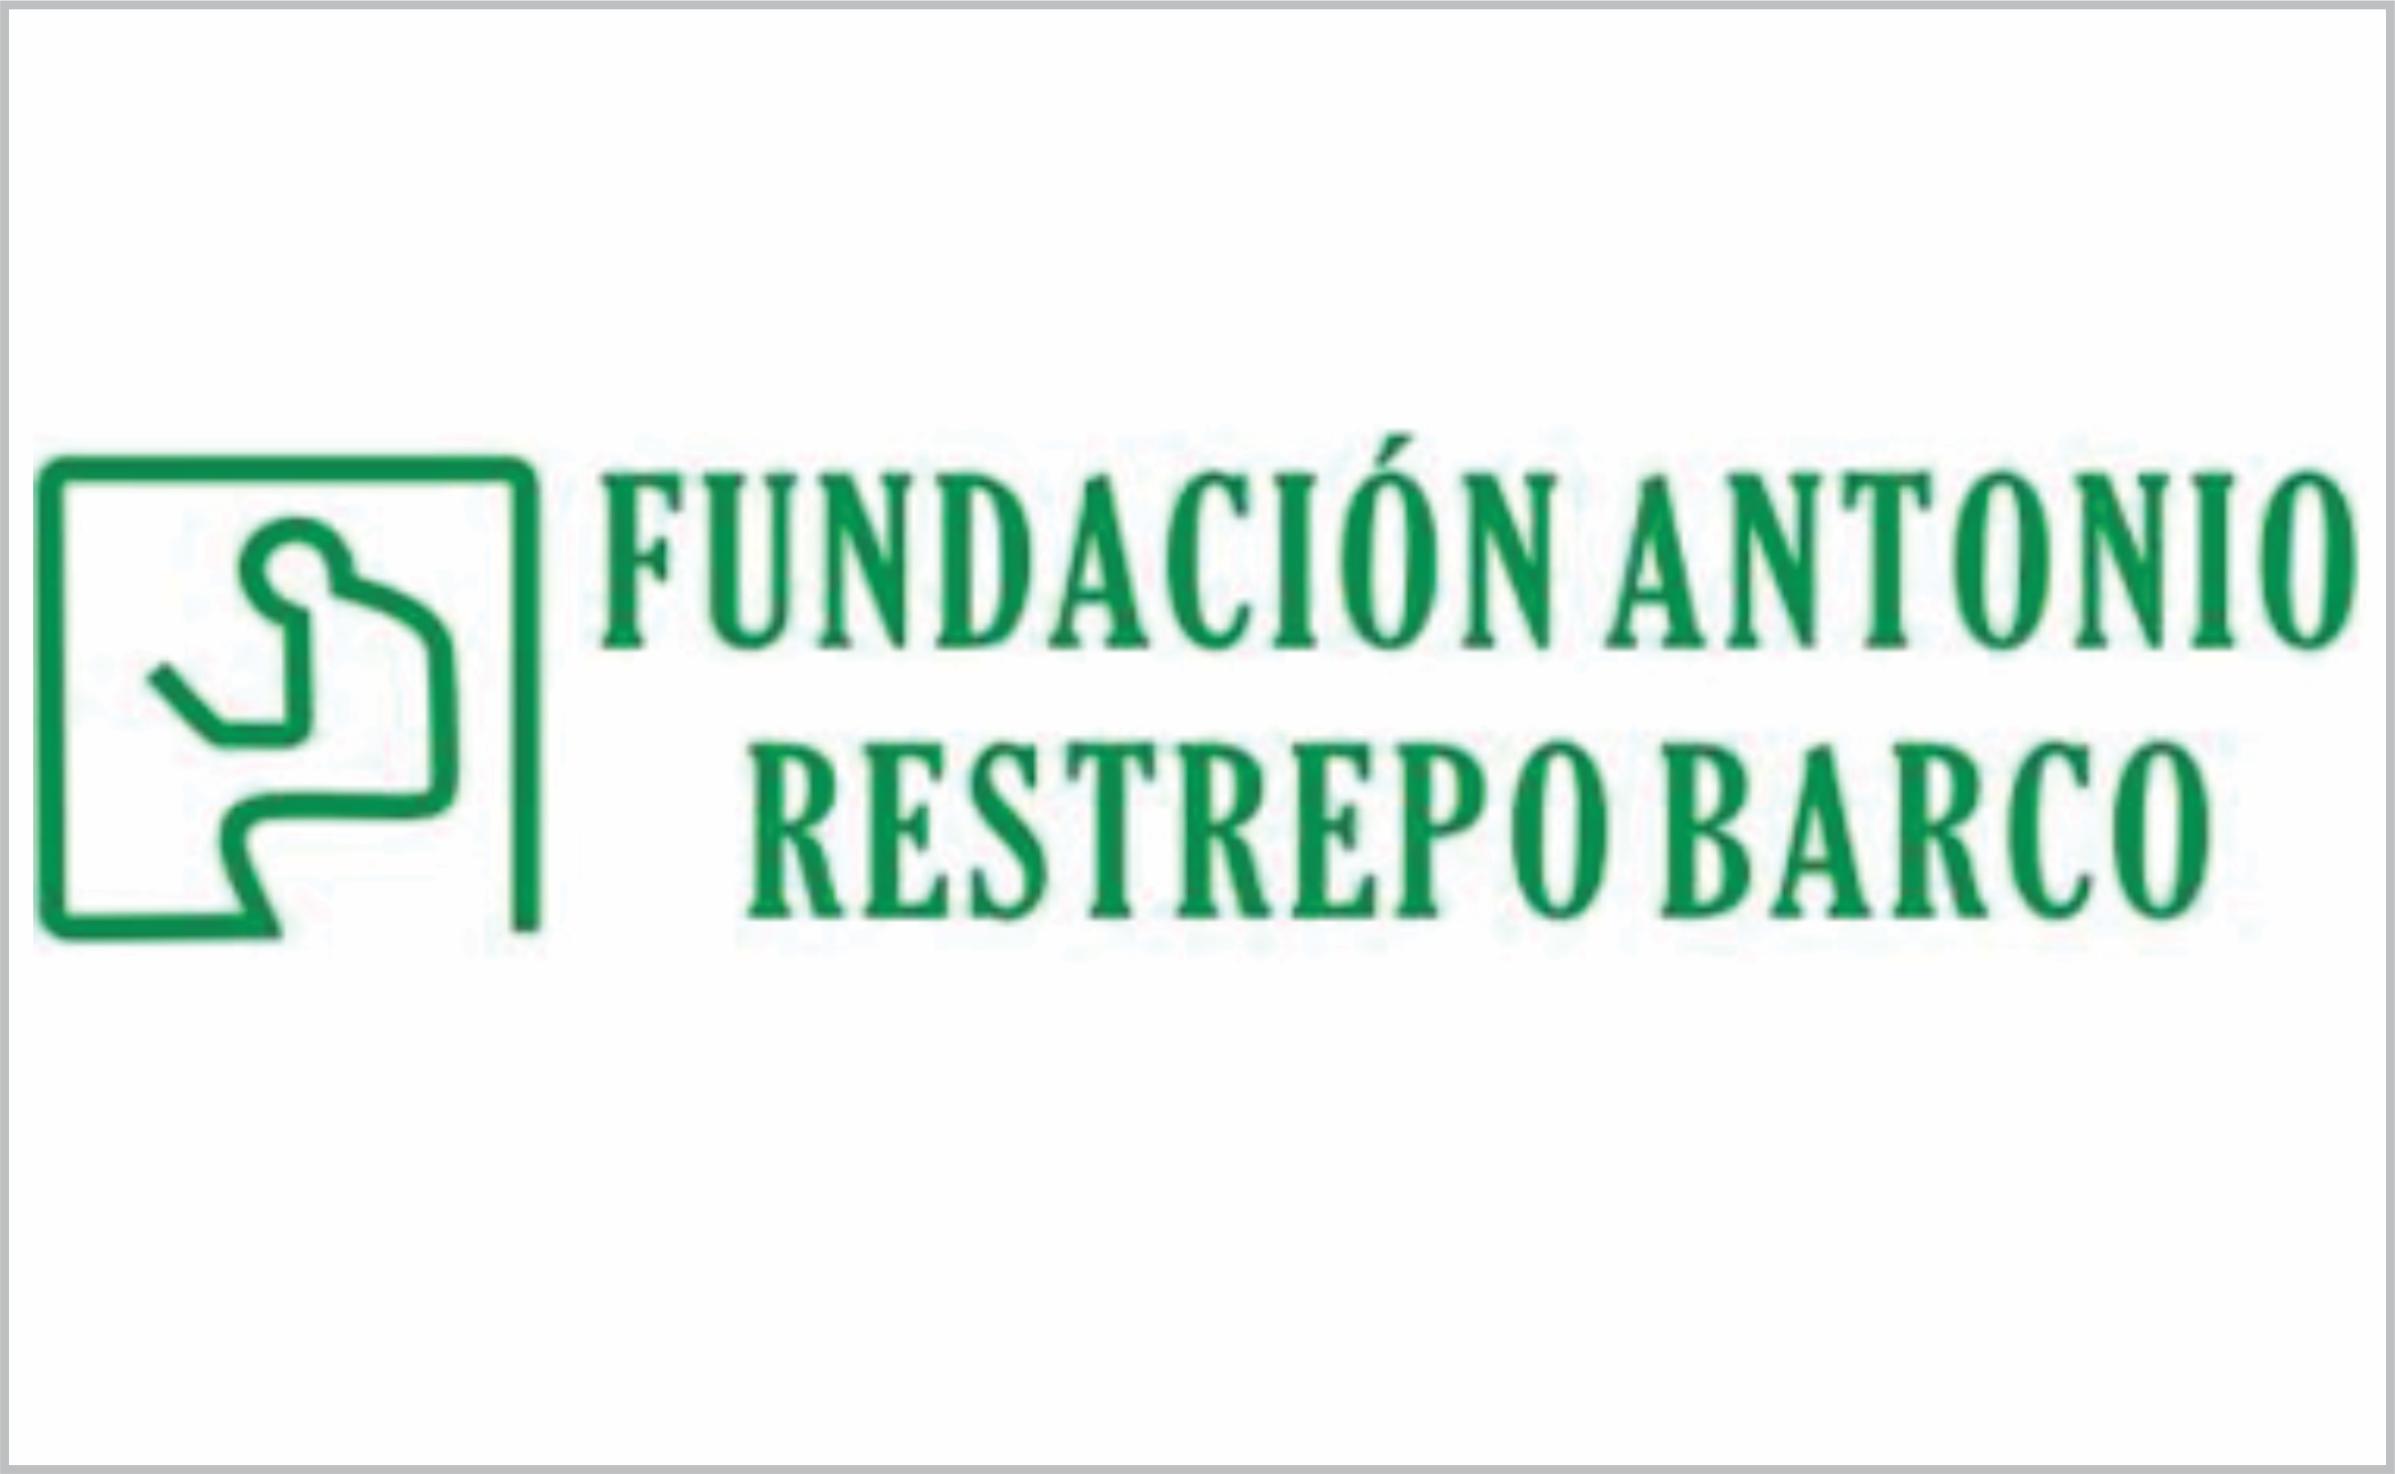 Fundación Antonio Restrepo Barco